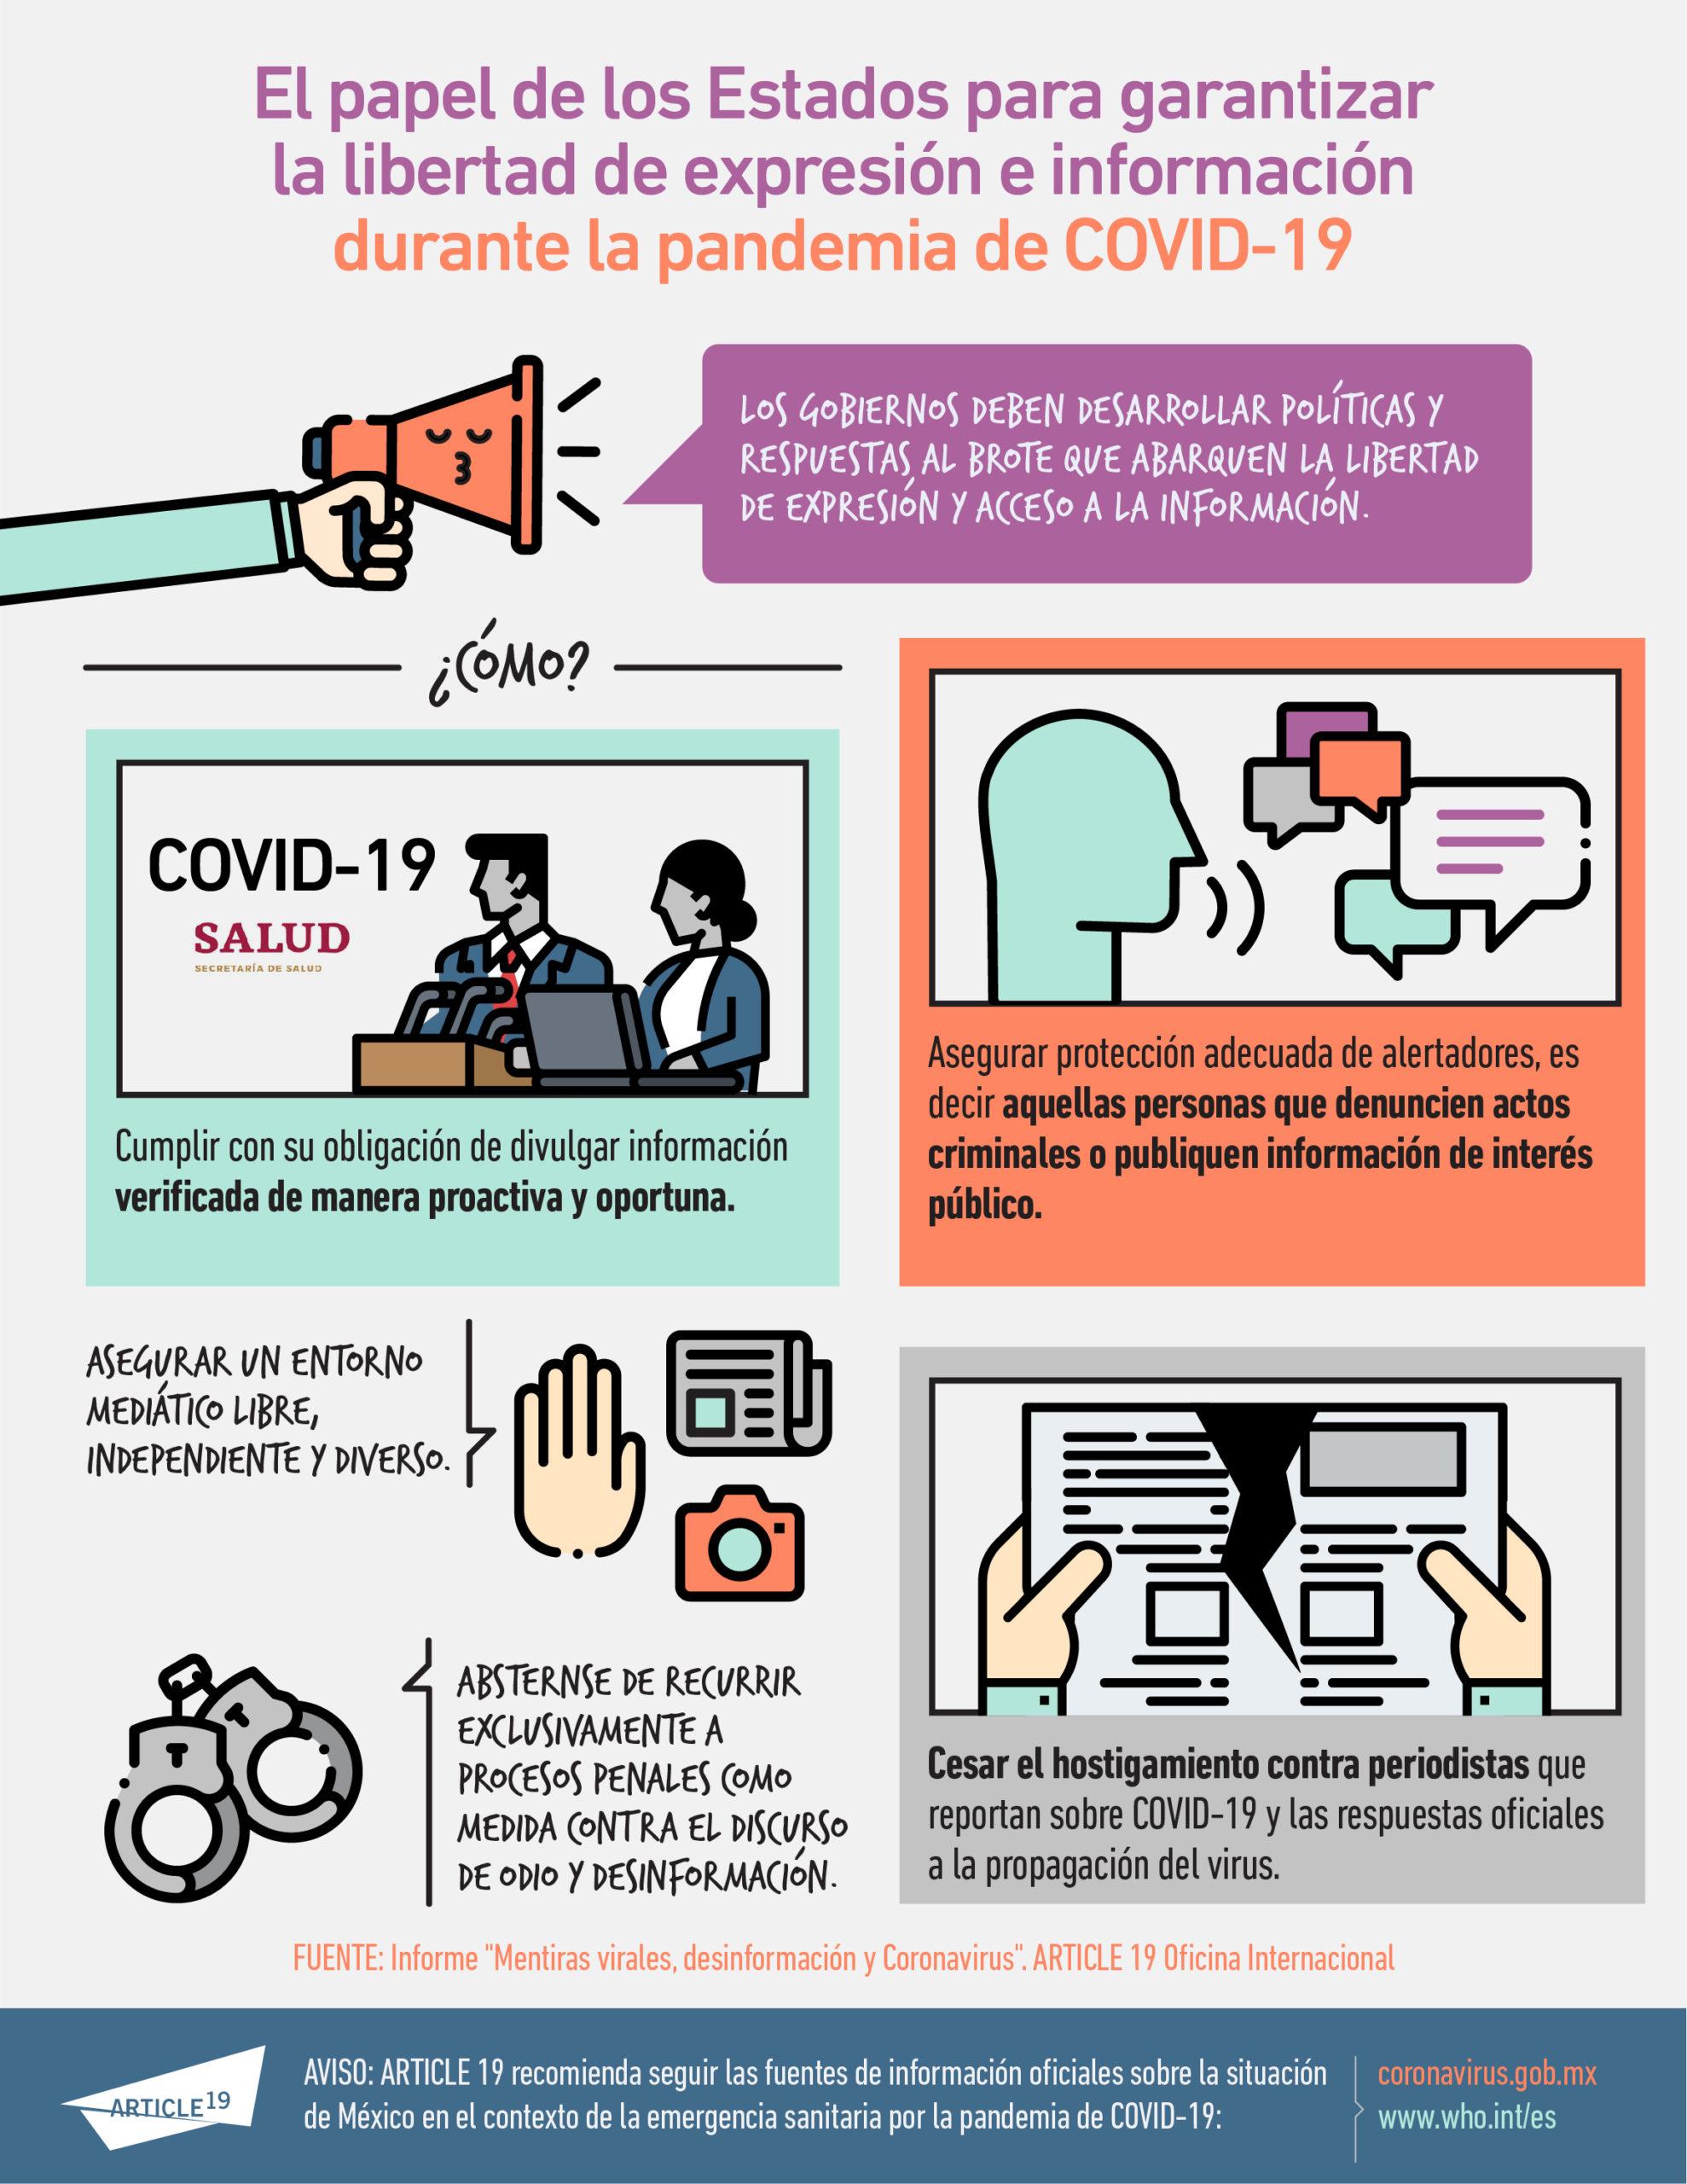 El papel de los Estados para garantizar la libertad de expresión e información durante la pandemia del COVID-19